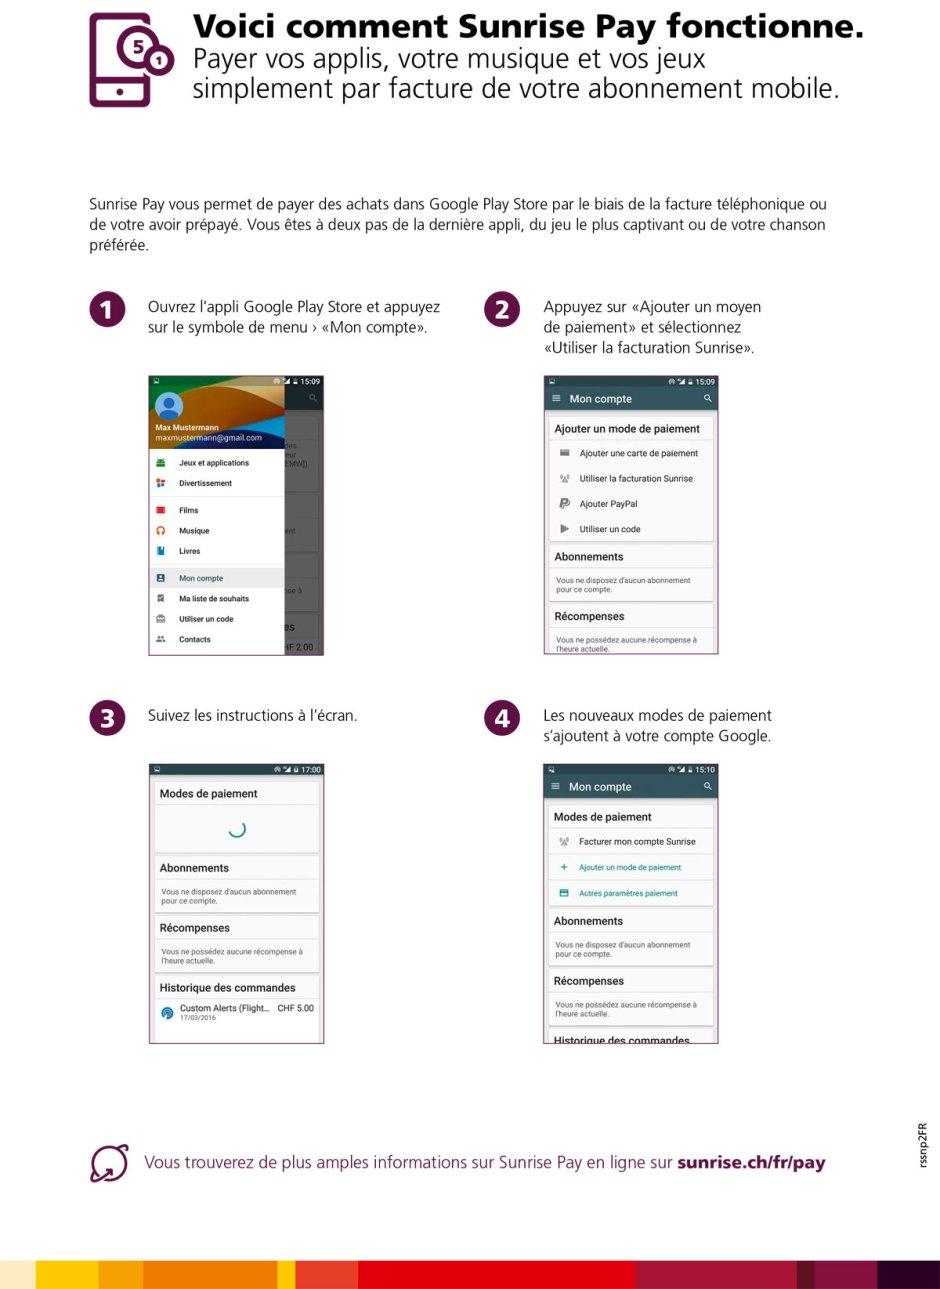 Sunrise Pay pour acheter décontracté dan Google Play.